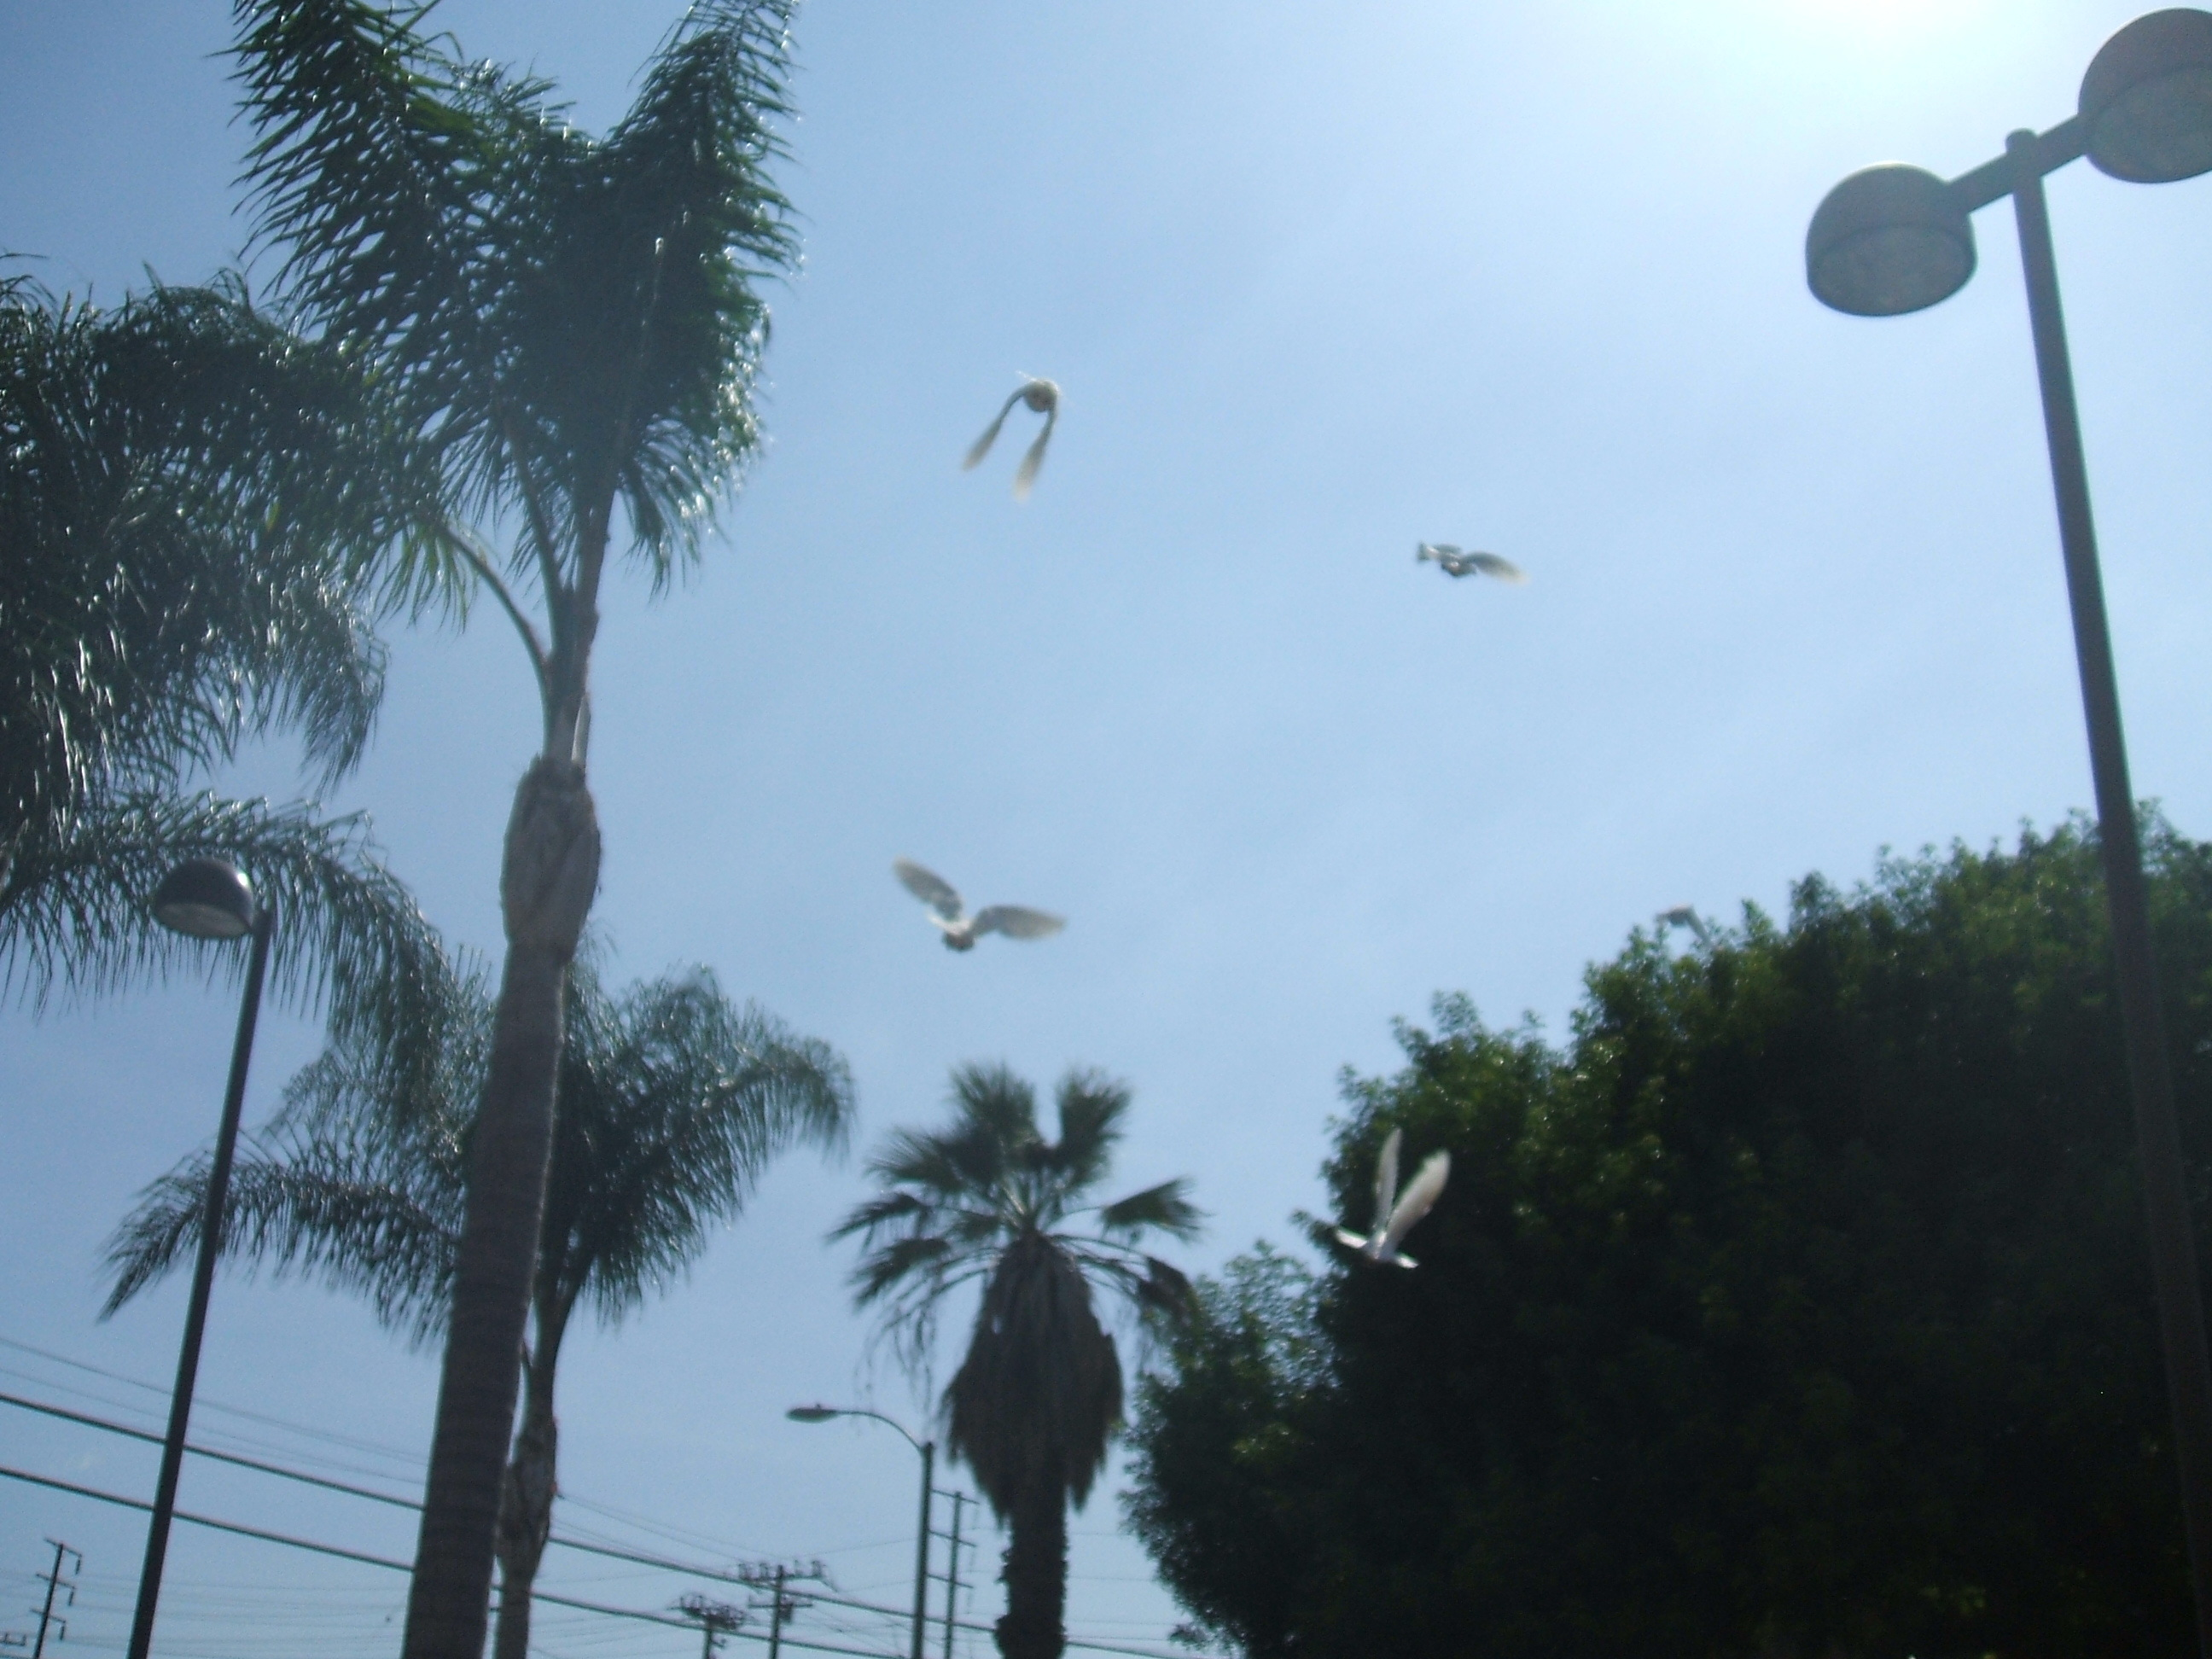 white, Doves, 714-903-6599